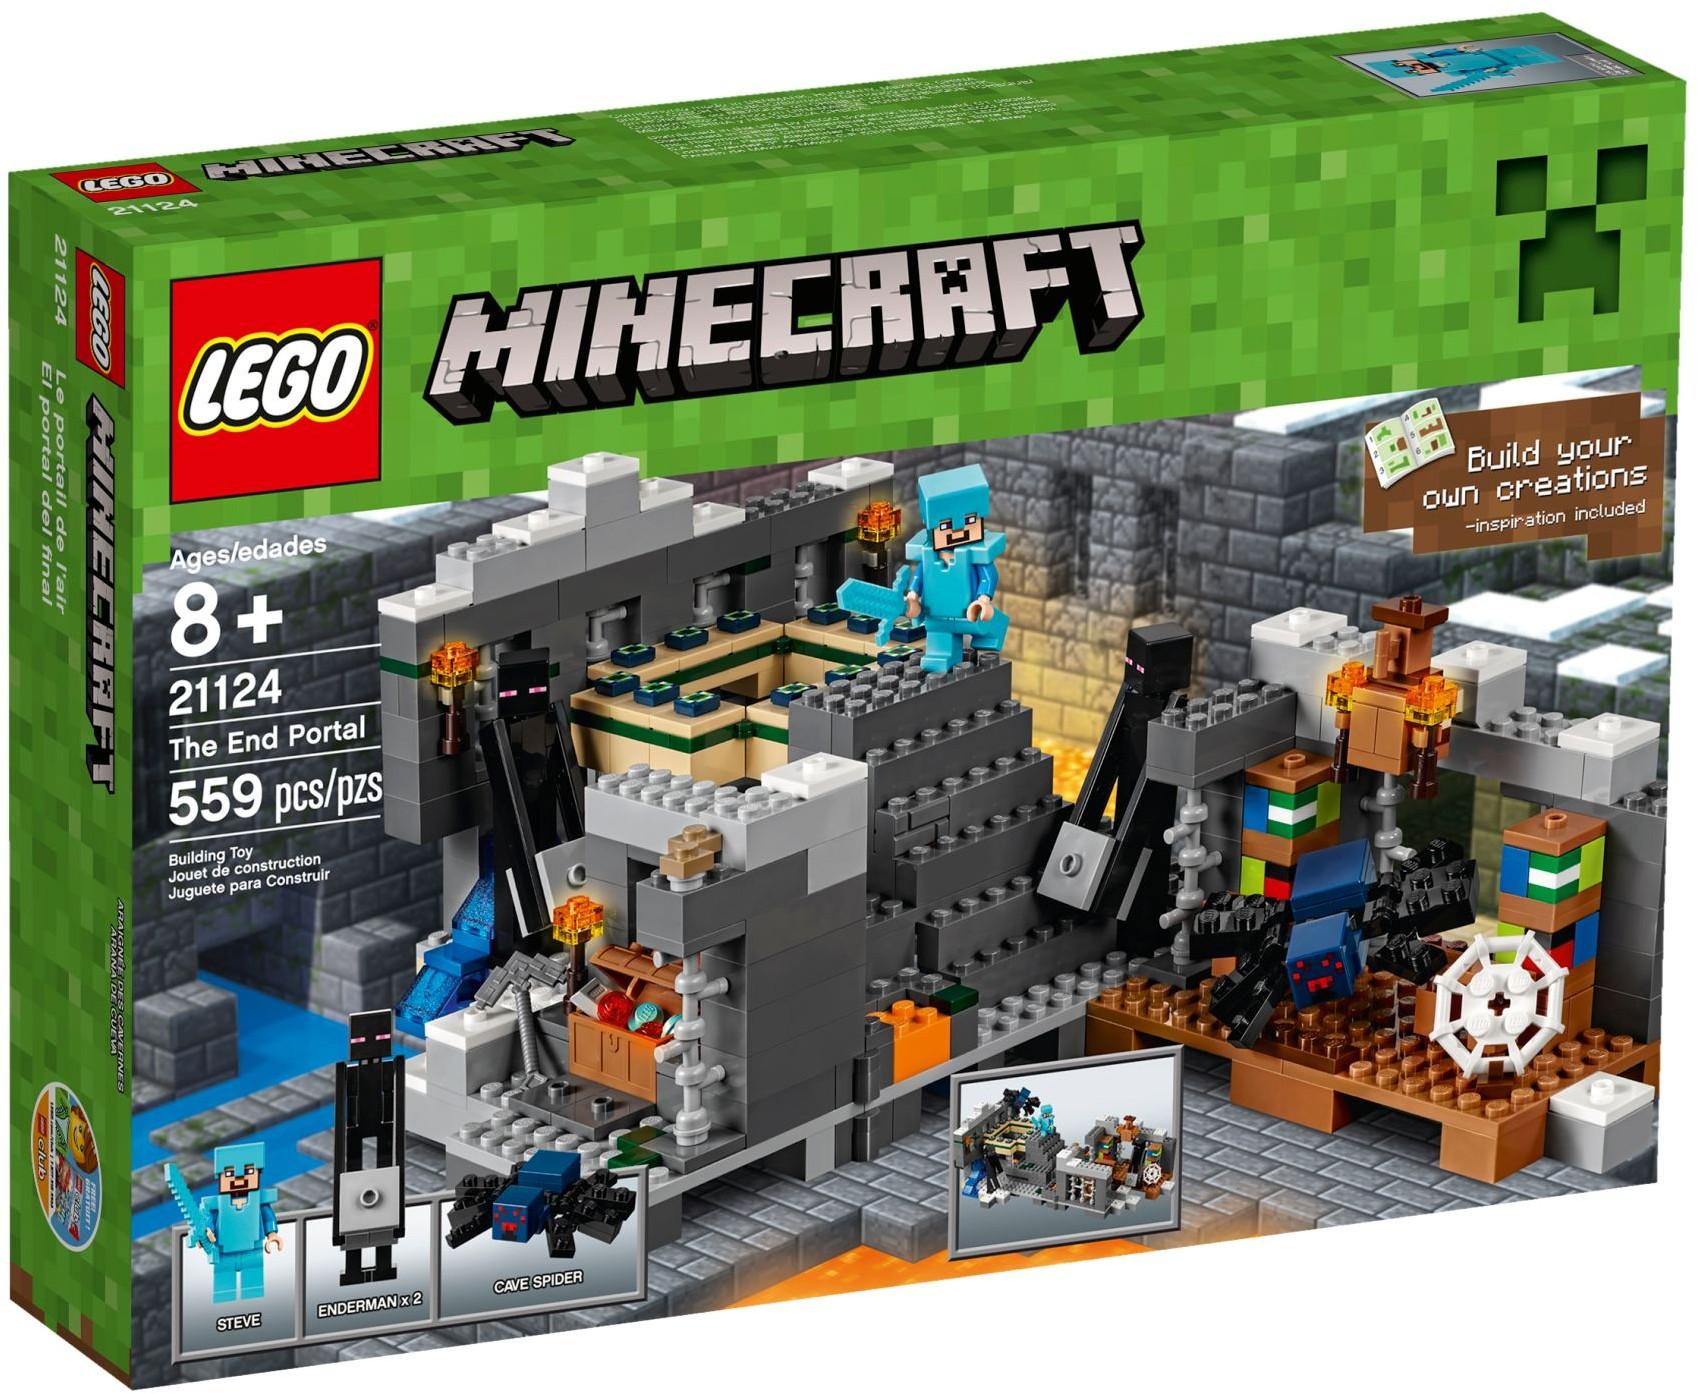 Đồ Chơi Xếp Hình - Cổng Thông Tin Khổng Lồ Thương Hiệu LEGO